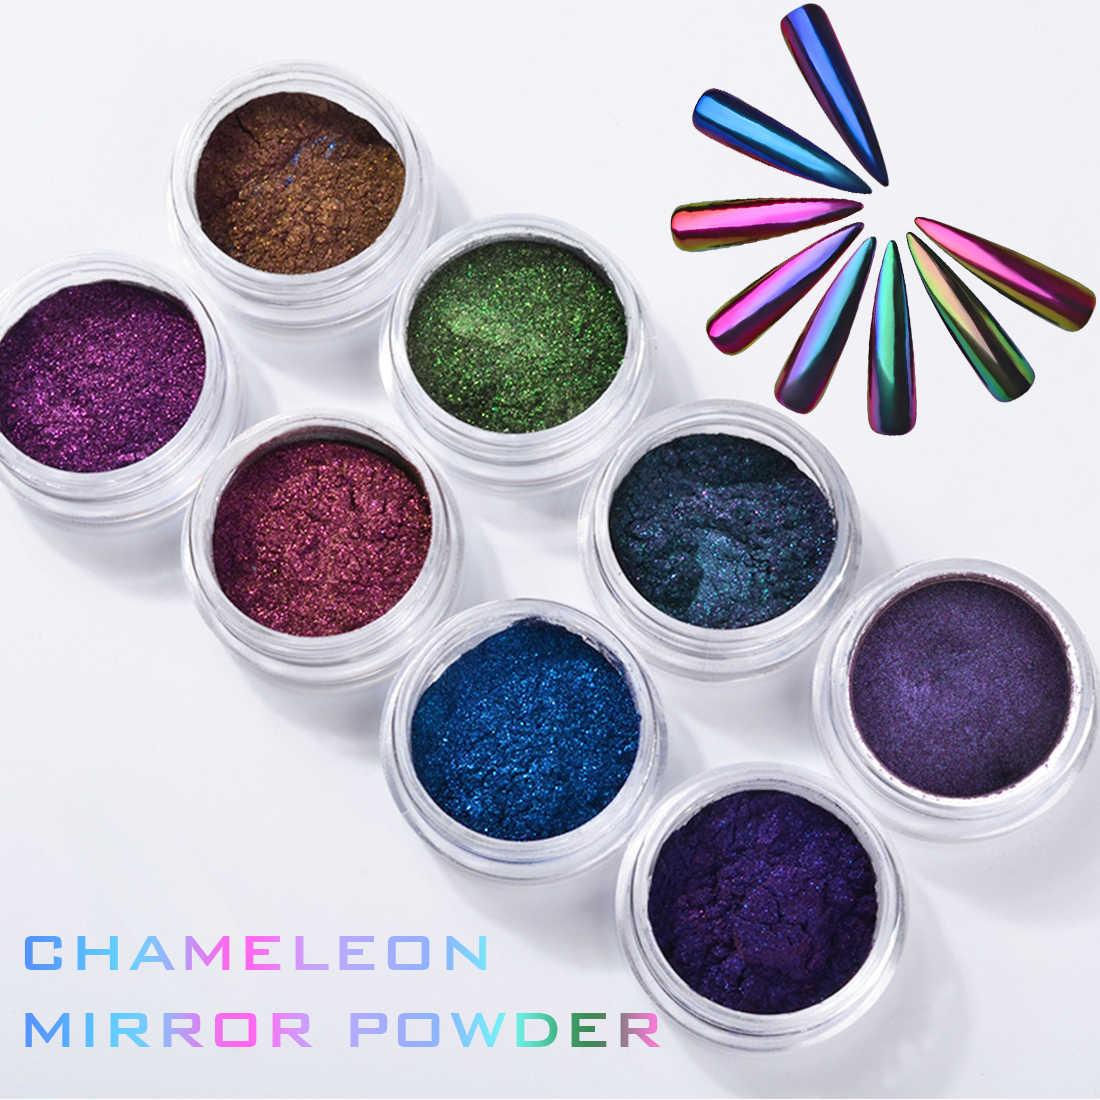 Неоновые Chrome Маникюр УФ гель пигмент украшения порошок 0,5g 8 цветов Аврора зеркало-Хамелеон голографический волшебный блеск для ногтей